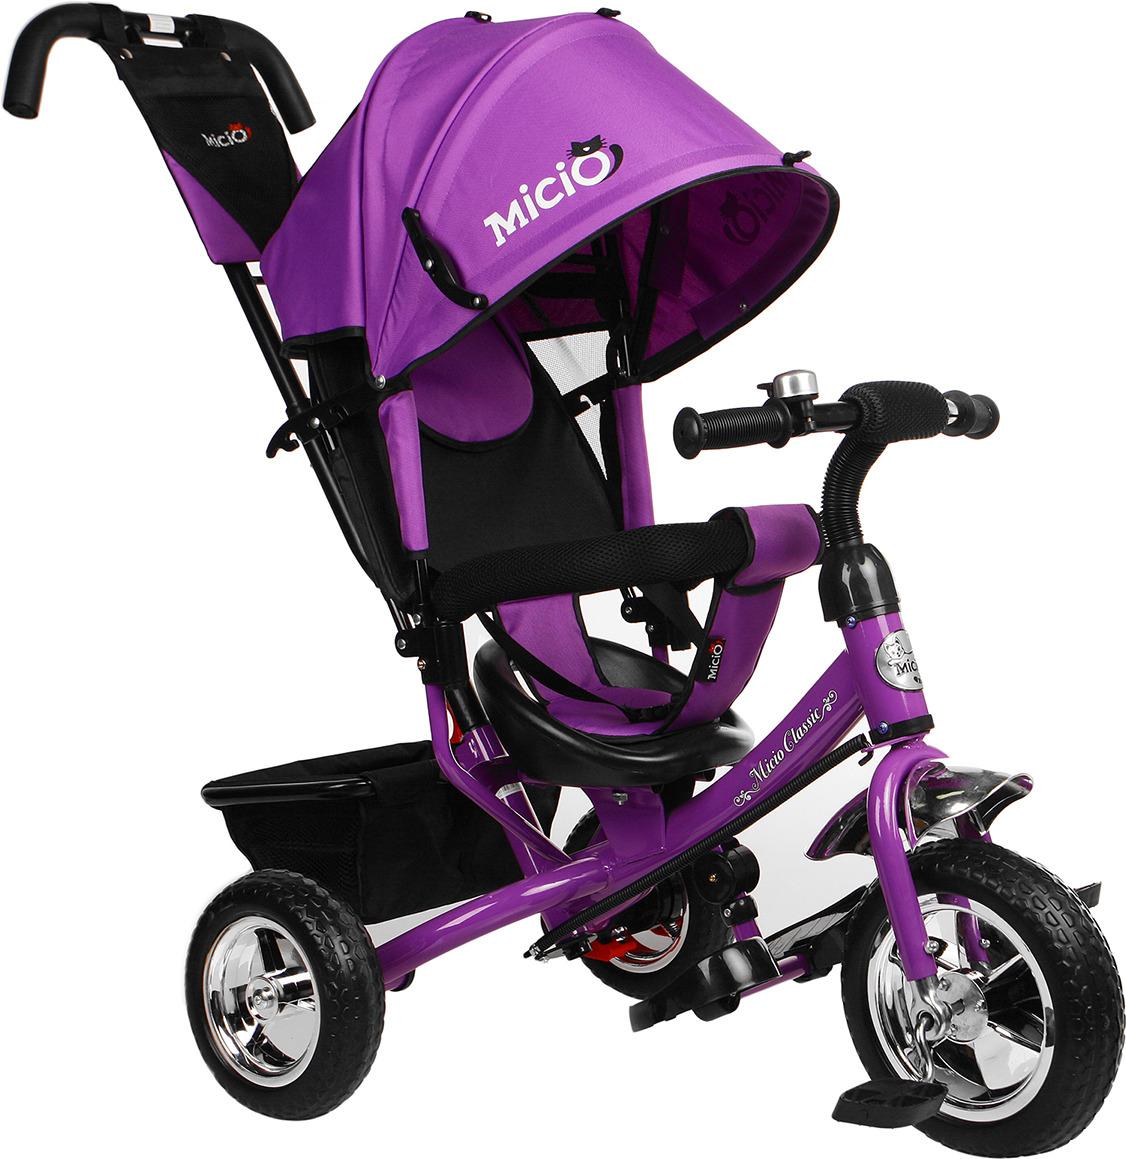 Велосипед трехколесный детский Micio Classic 2019, 3871484, фиолетовый